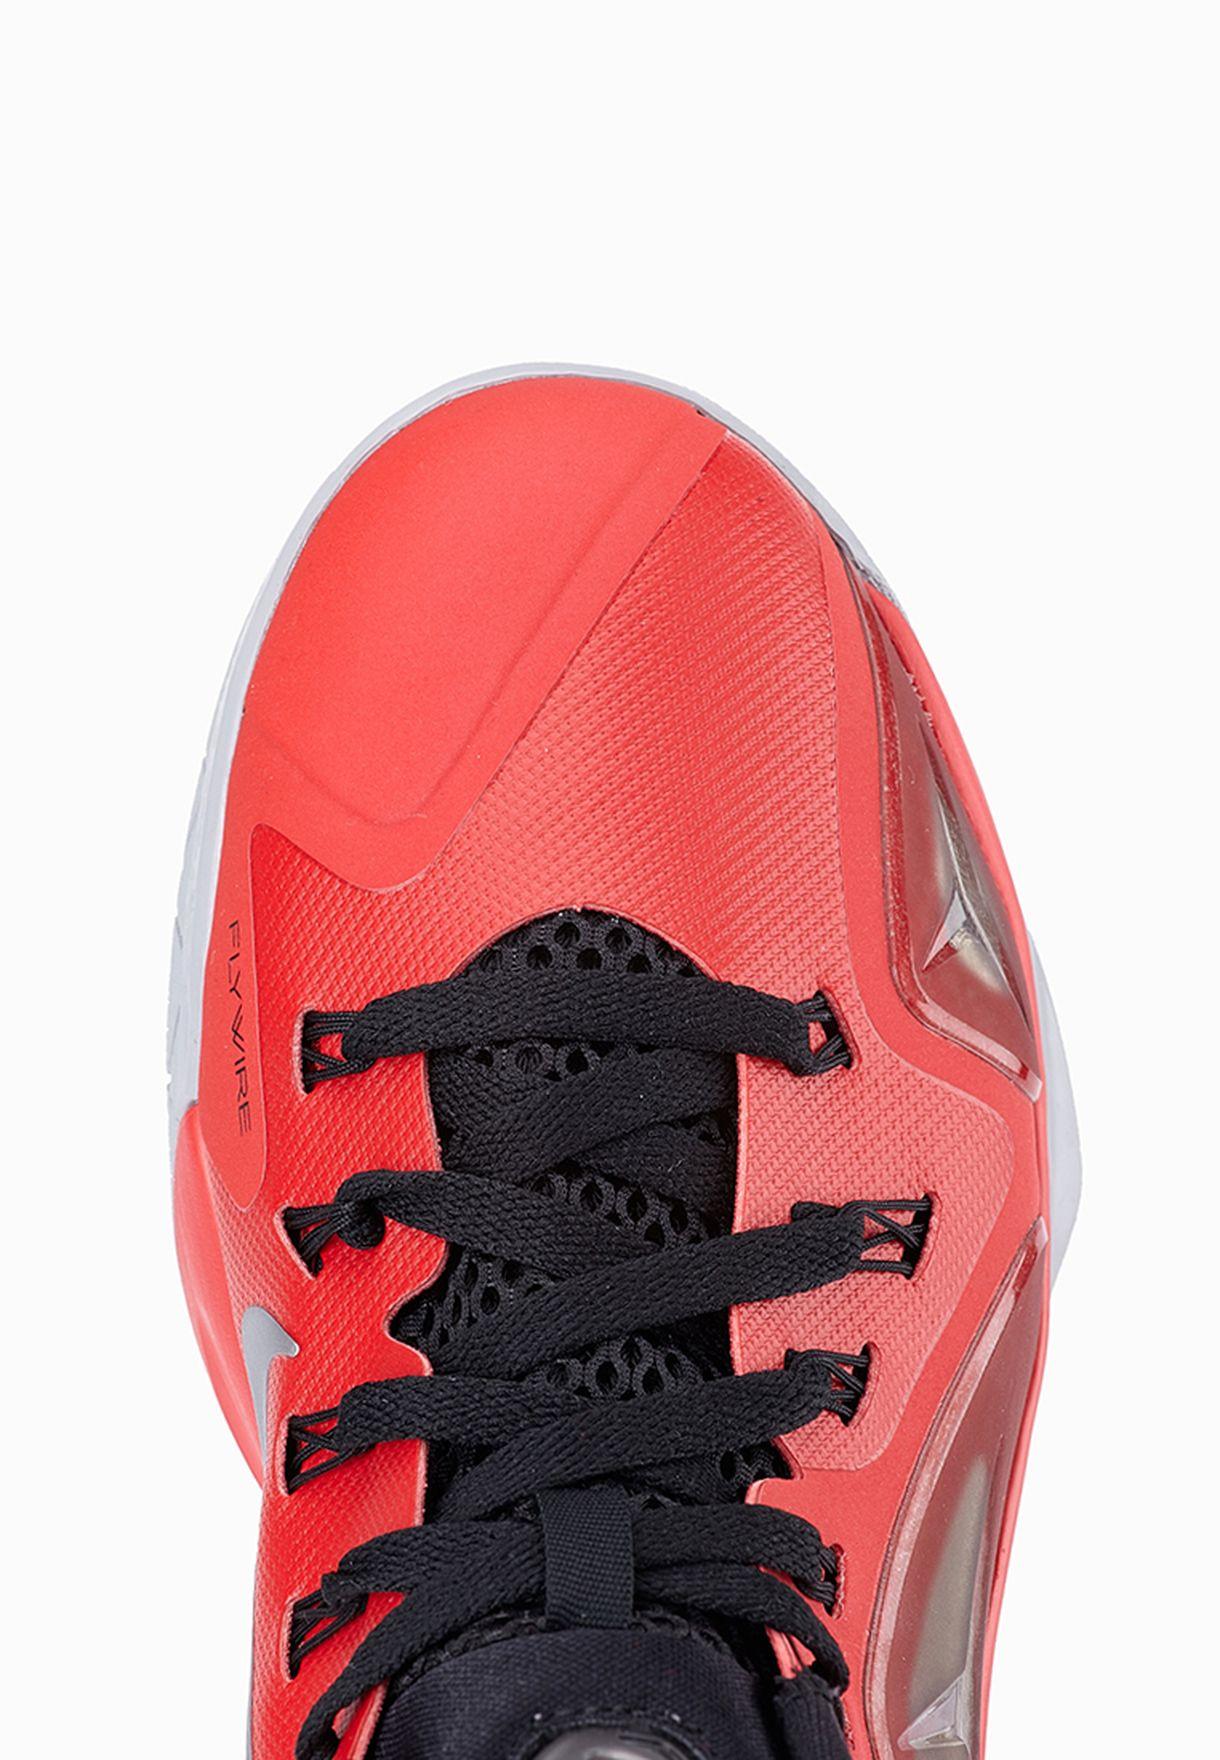 569639c844b9 Shop Nike red Ambassador VII 705269-600 for Men in Oman ...